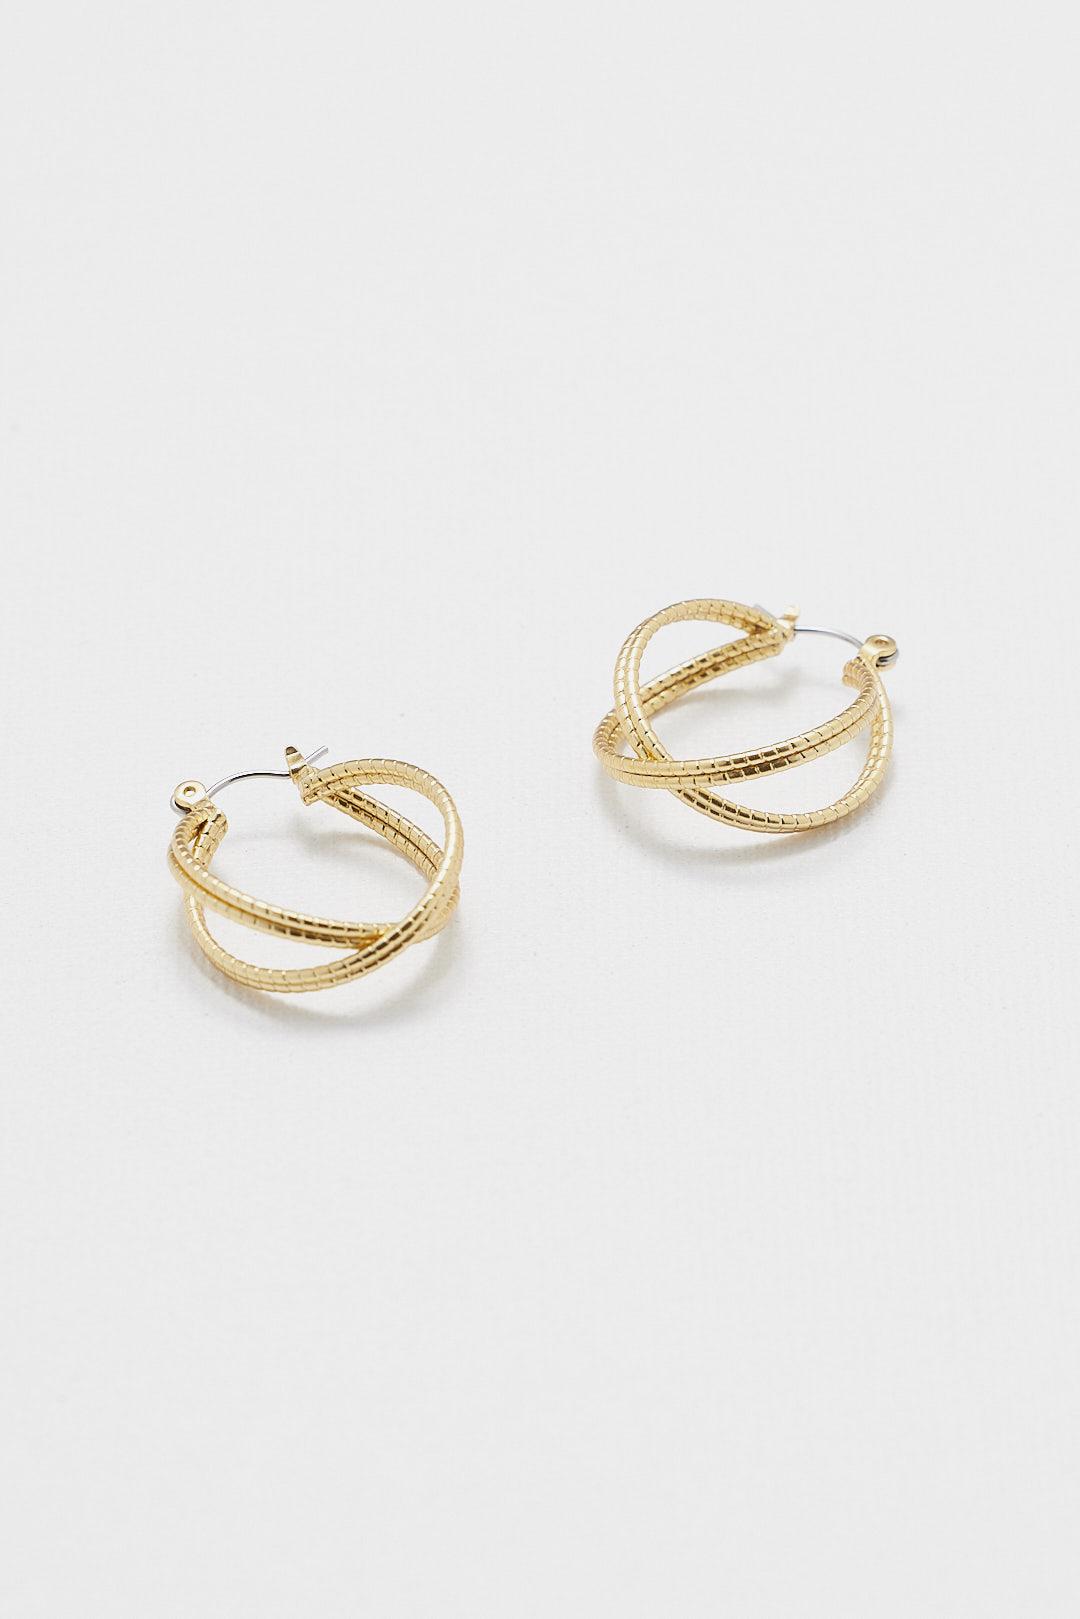 Kyla Earrings